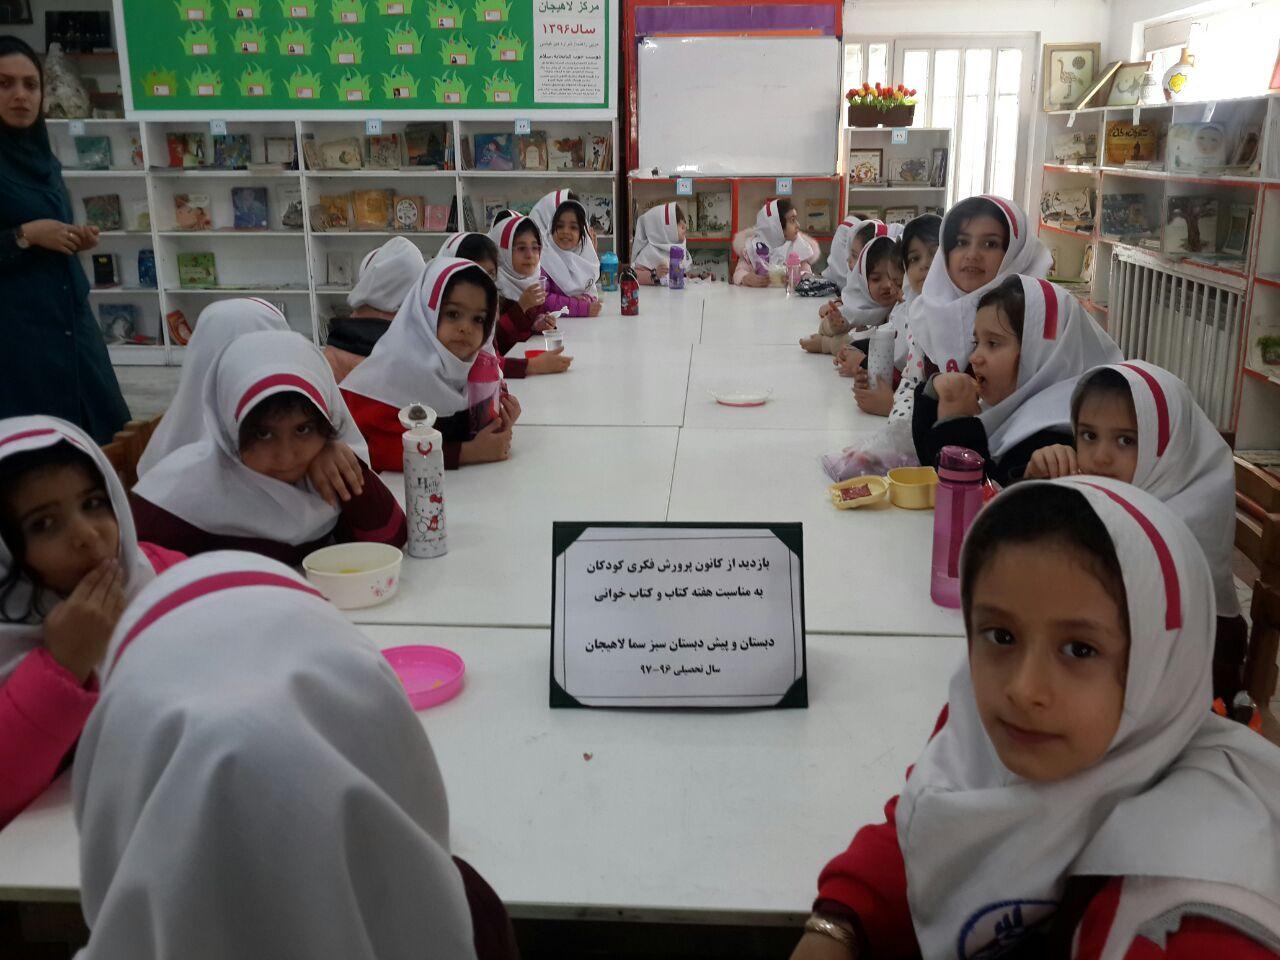 مدرسه سبز_ سما لاهیجان